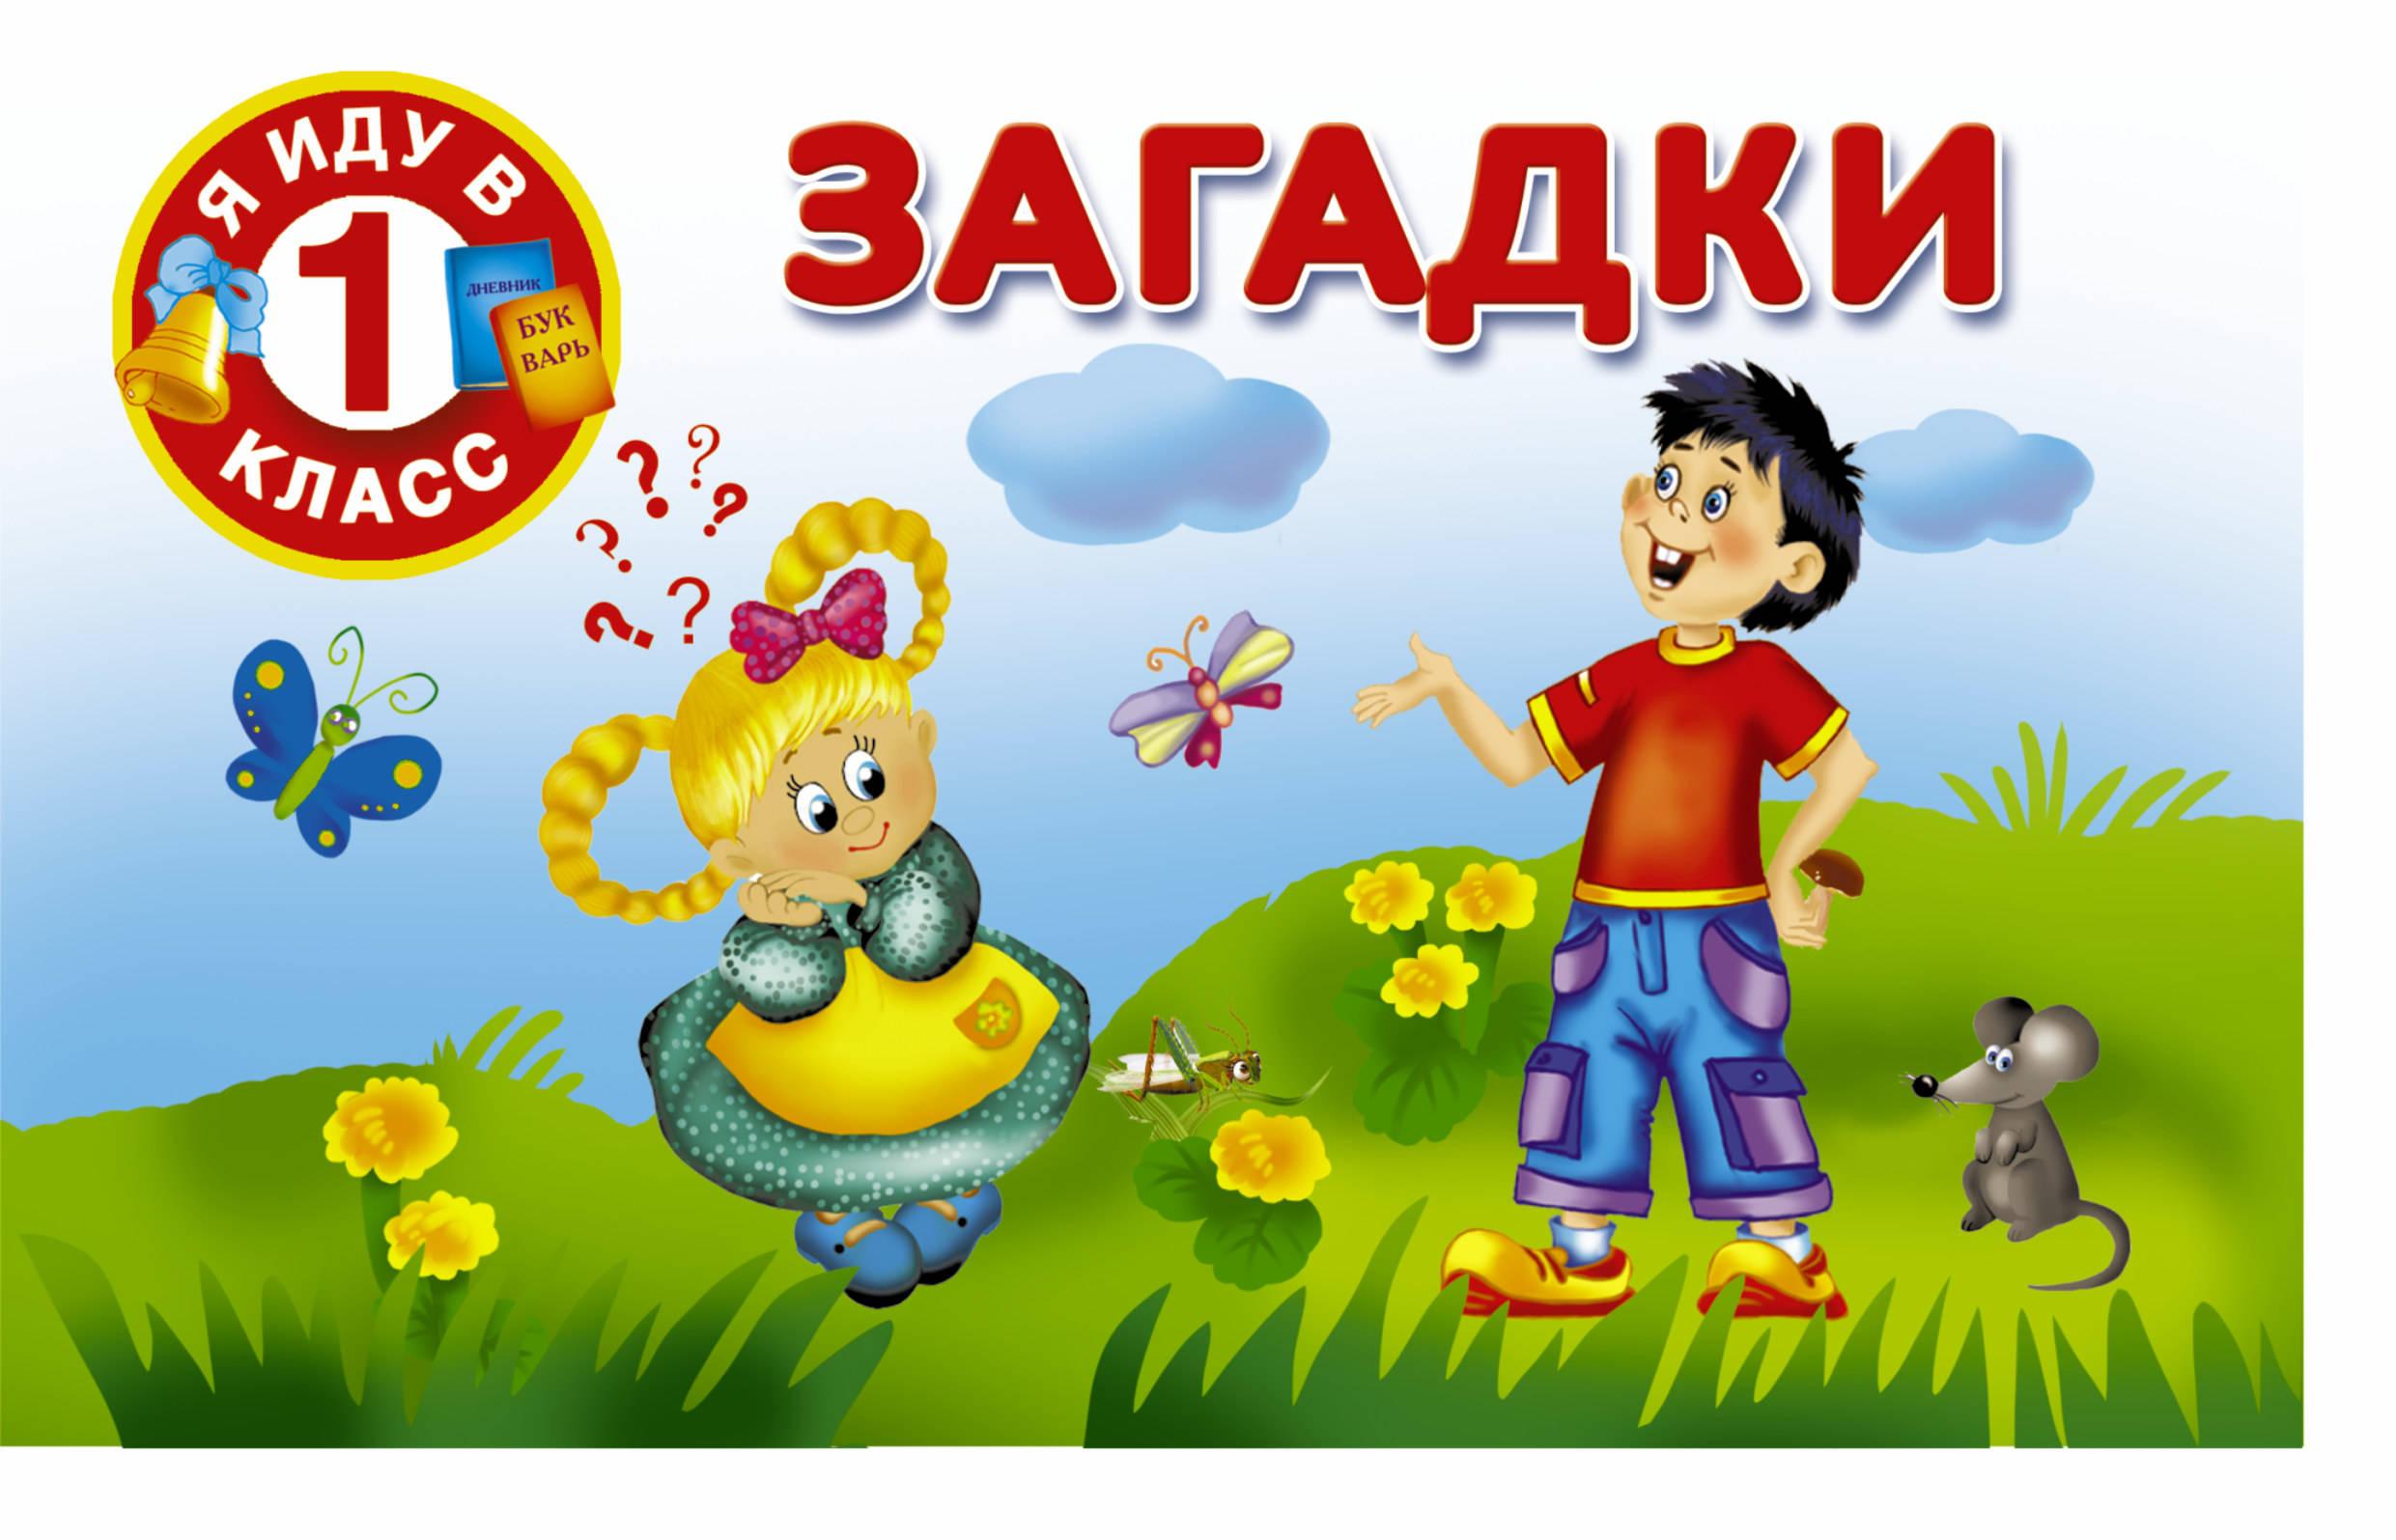 Дмитриева В.Г. Загадки владислав стручков загадки отадоя4